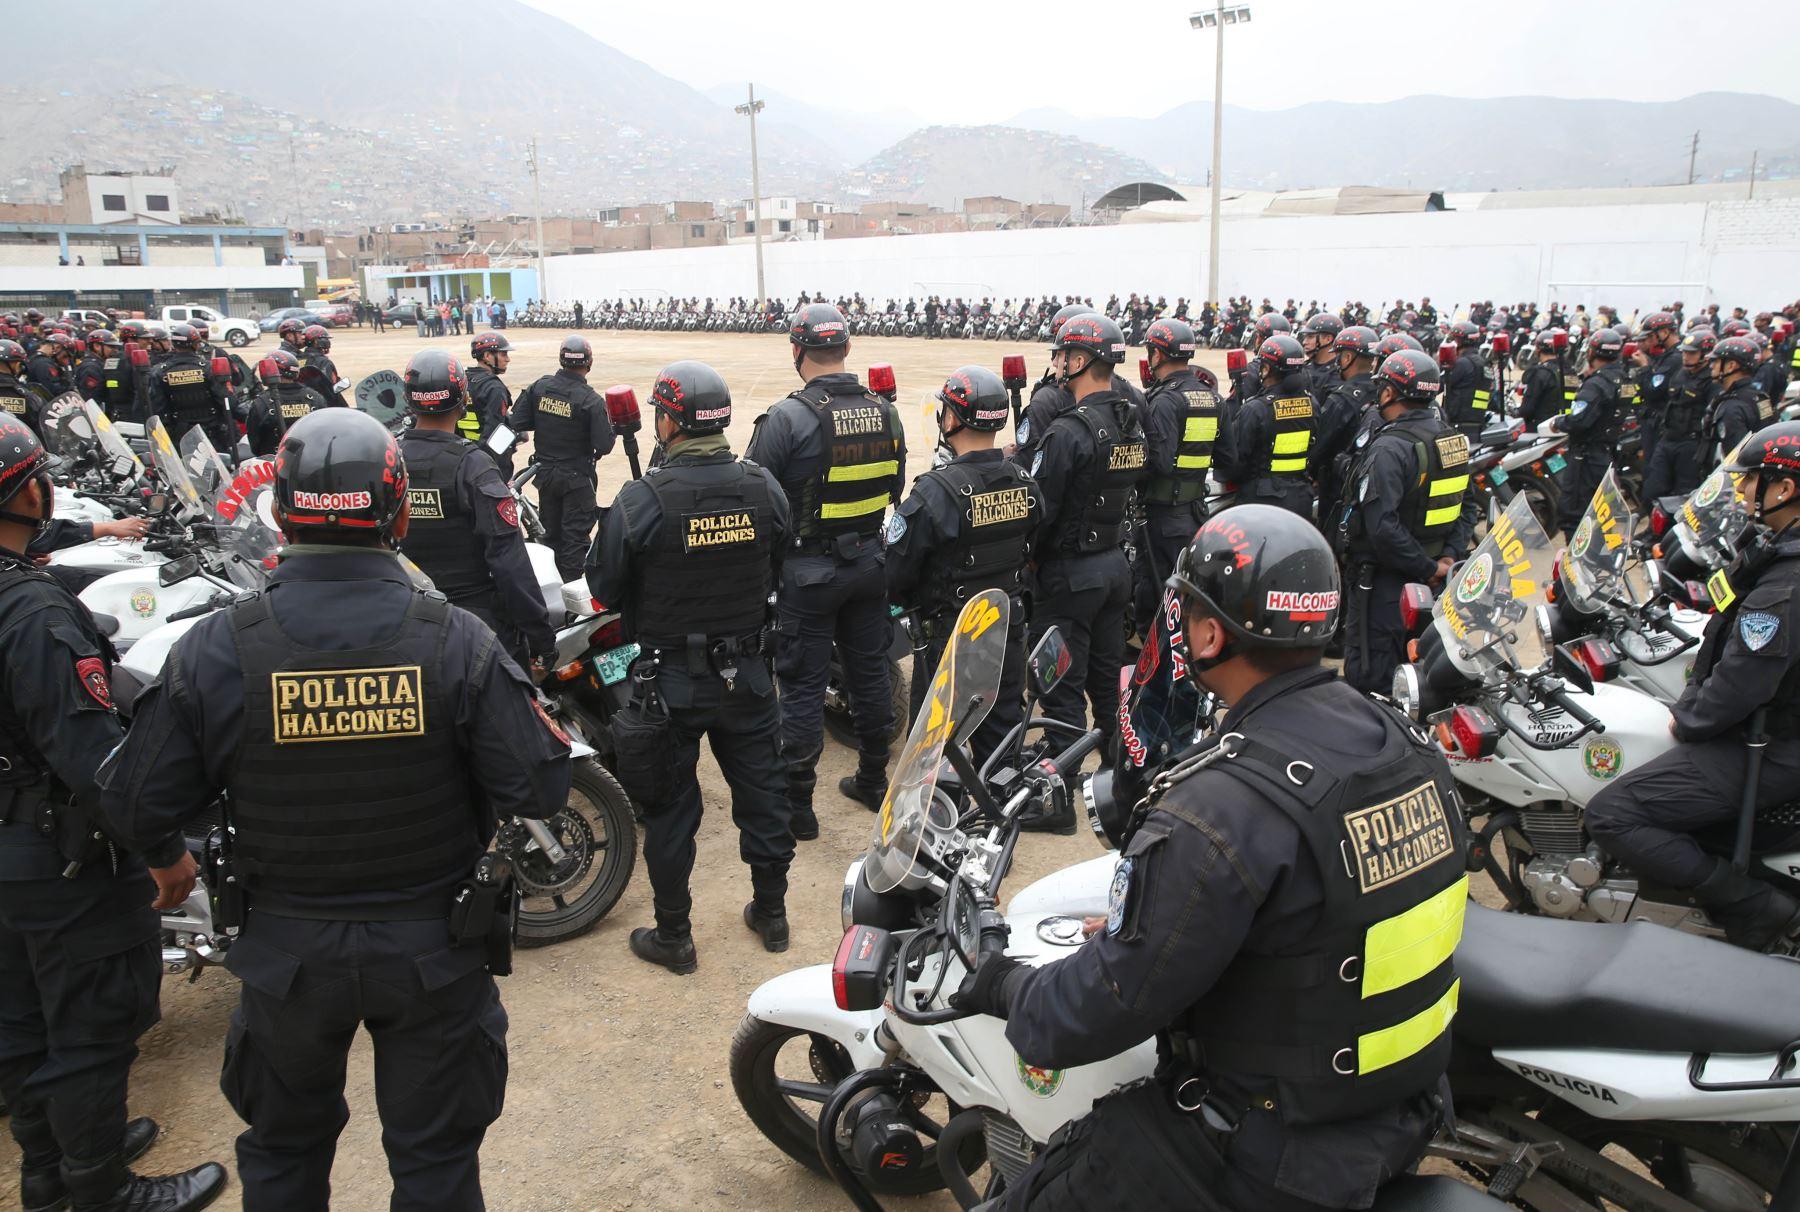 Fortalecen seguridad ciudadana en San Juan de Lurigancho con 400 policías y 200 motos desplegados por Región Policial Lima. ANDINA/Oscar Farje